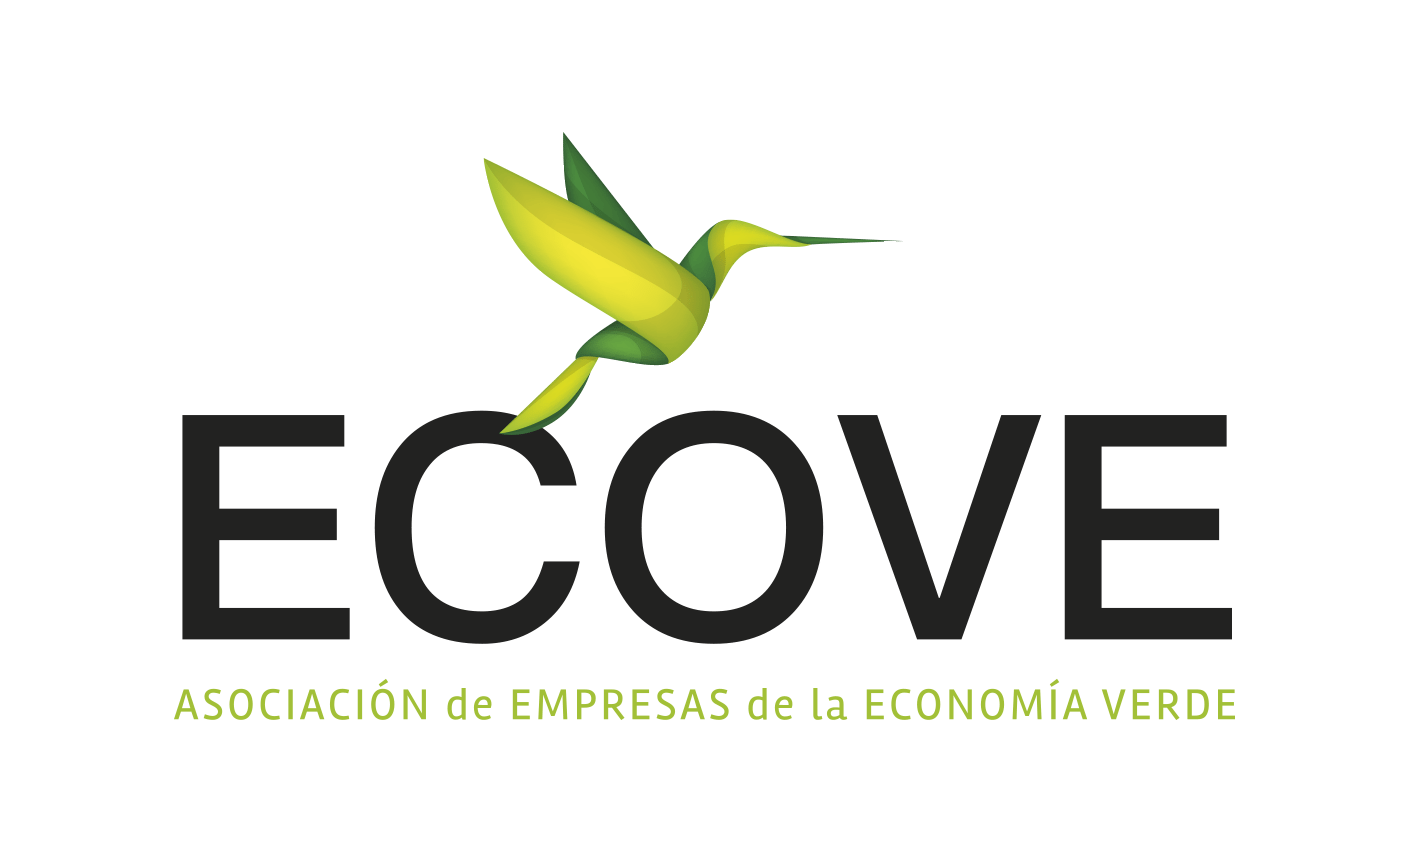 Logo Ecove sp | geneu.eu